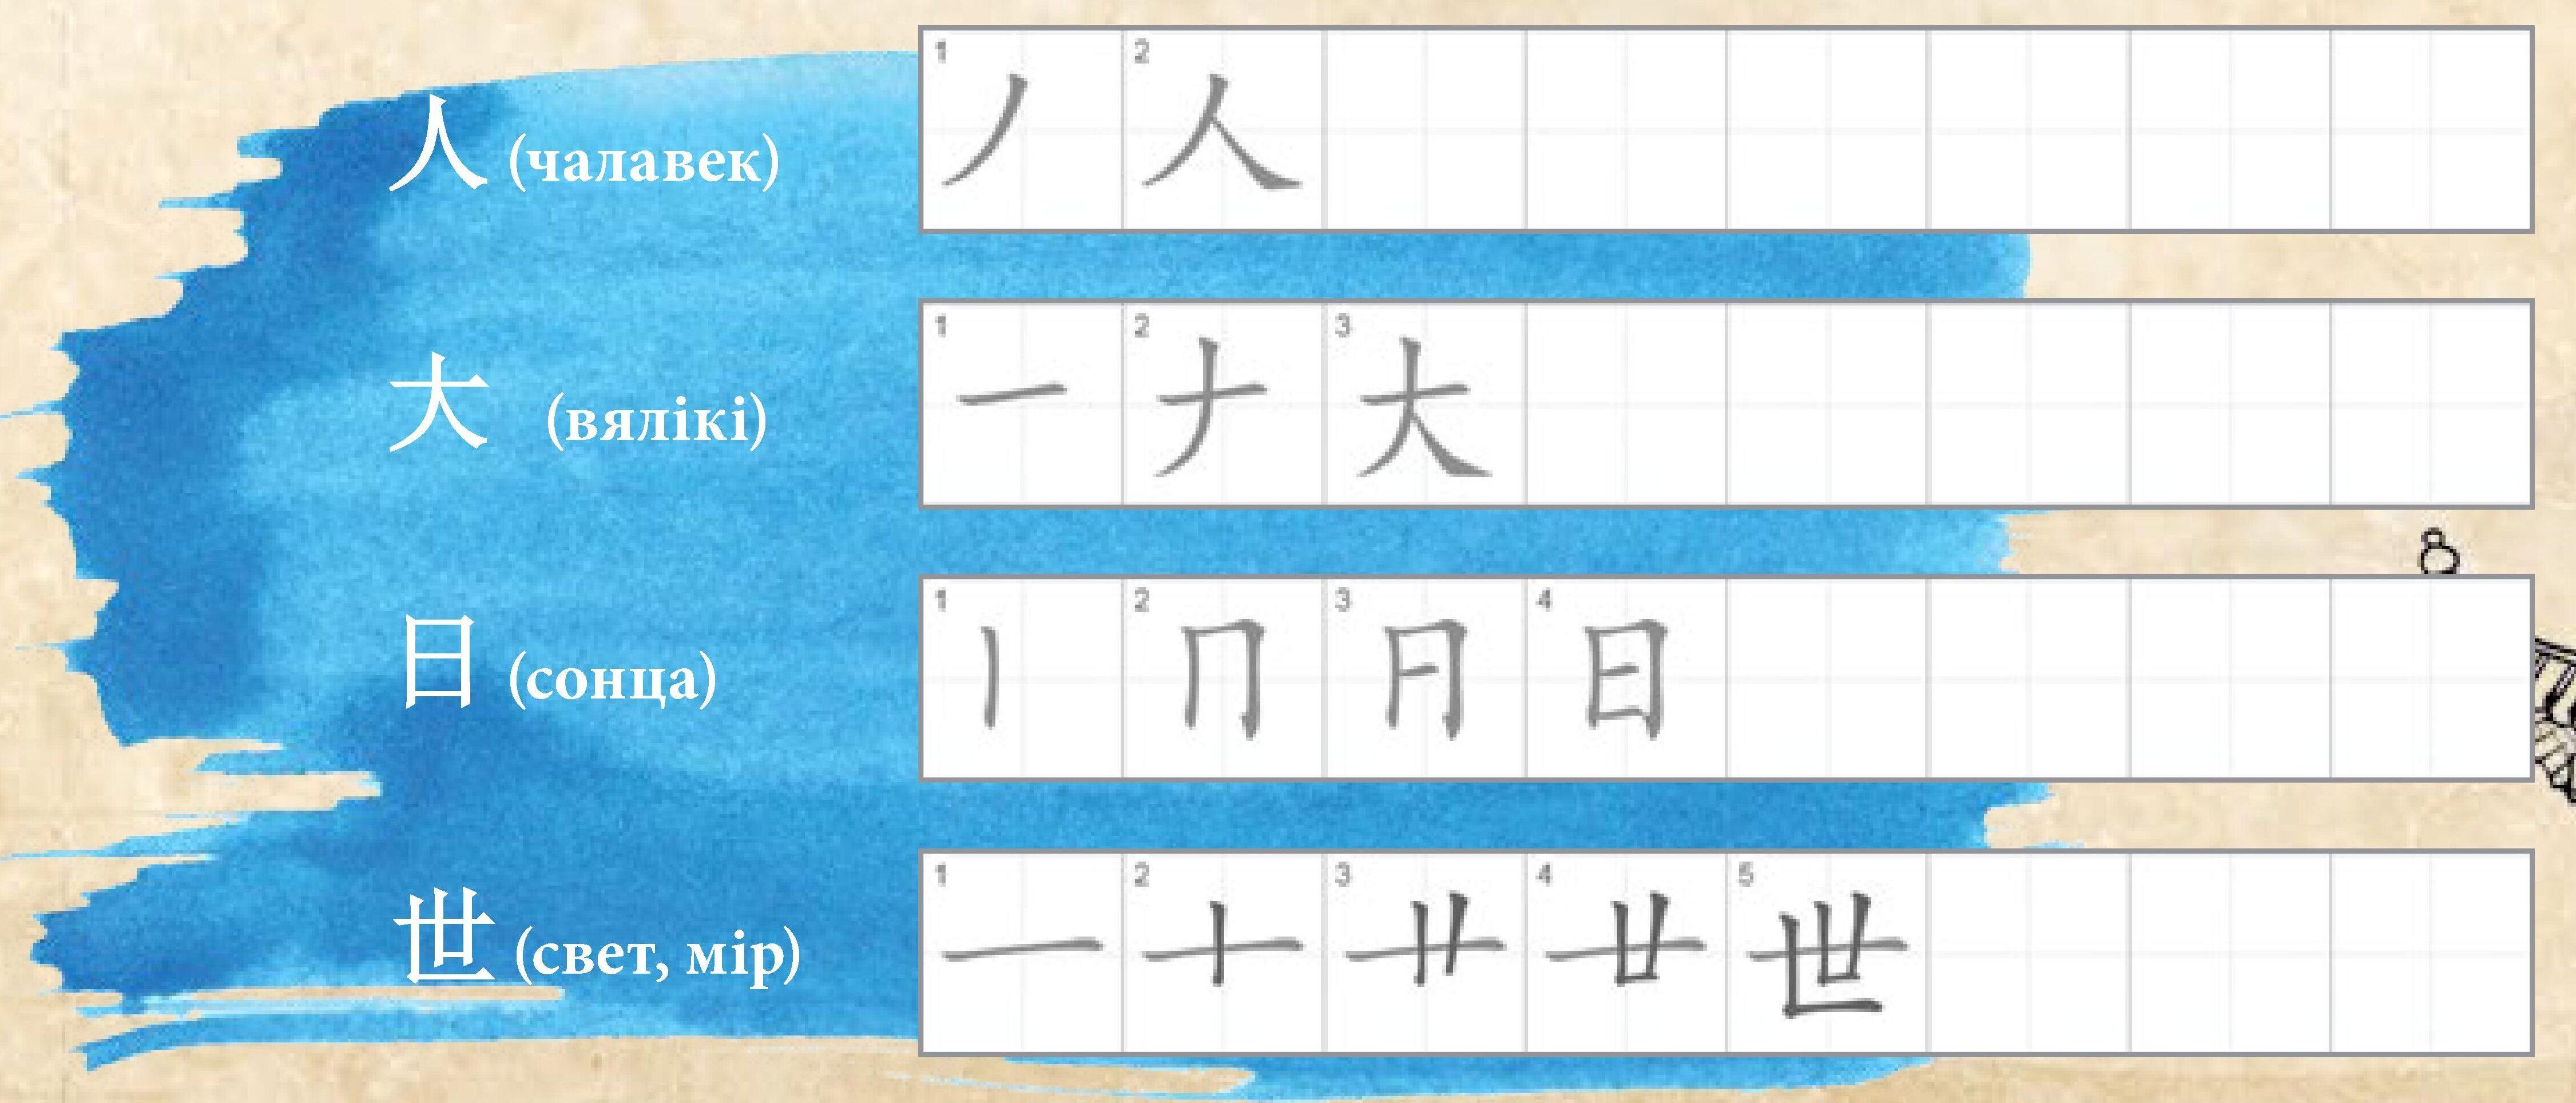 Кітайскія іерогліфы – асаблівасці пісьма